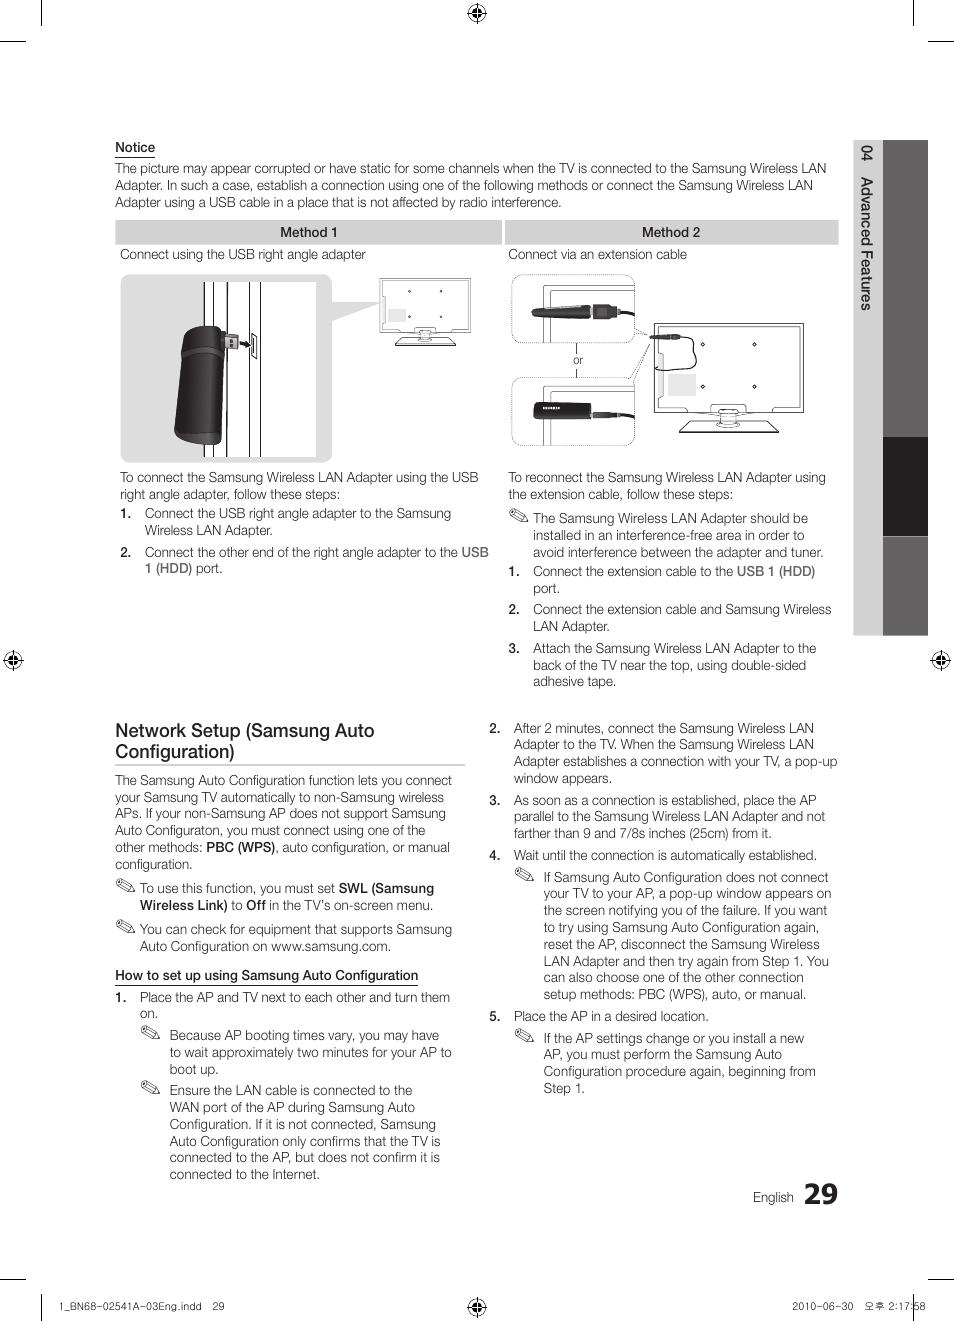 network setup samsung auto configuration samsung bn68 02541a 04 rh manualsdir com Car GPS Receiver Product Manuals Product Radar Detector Manuals